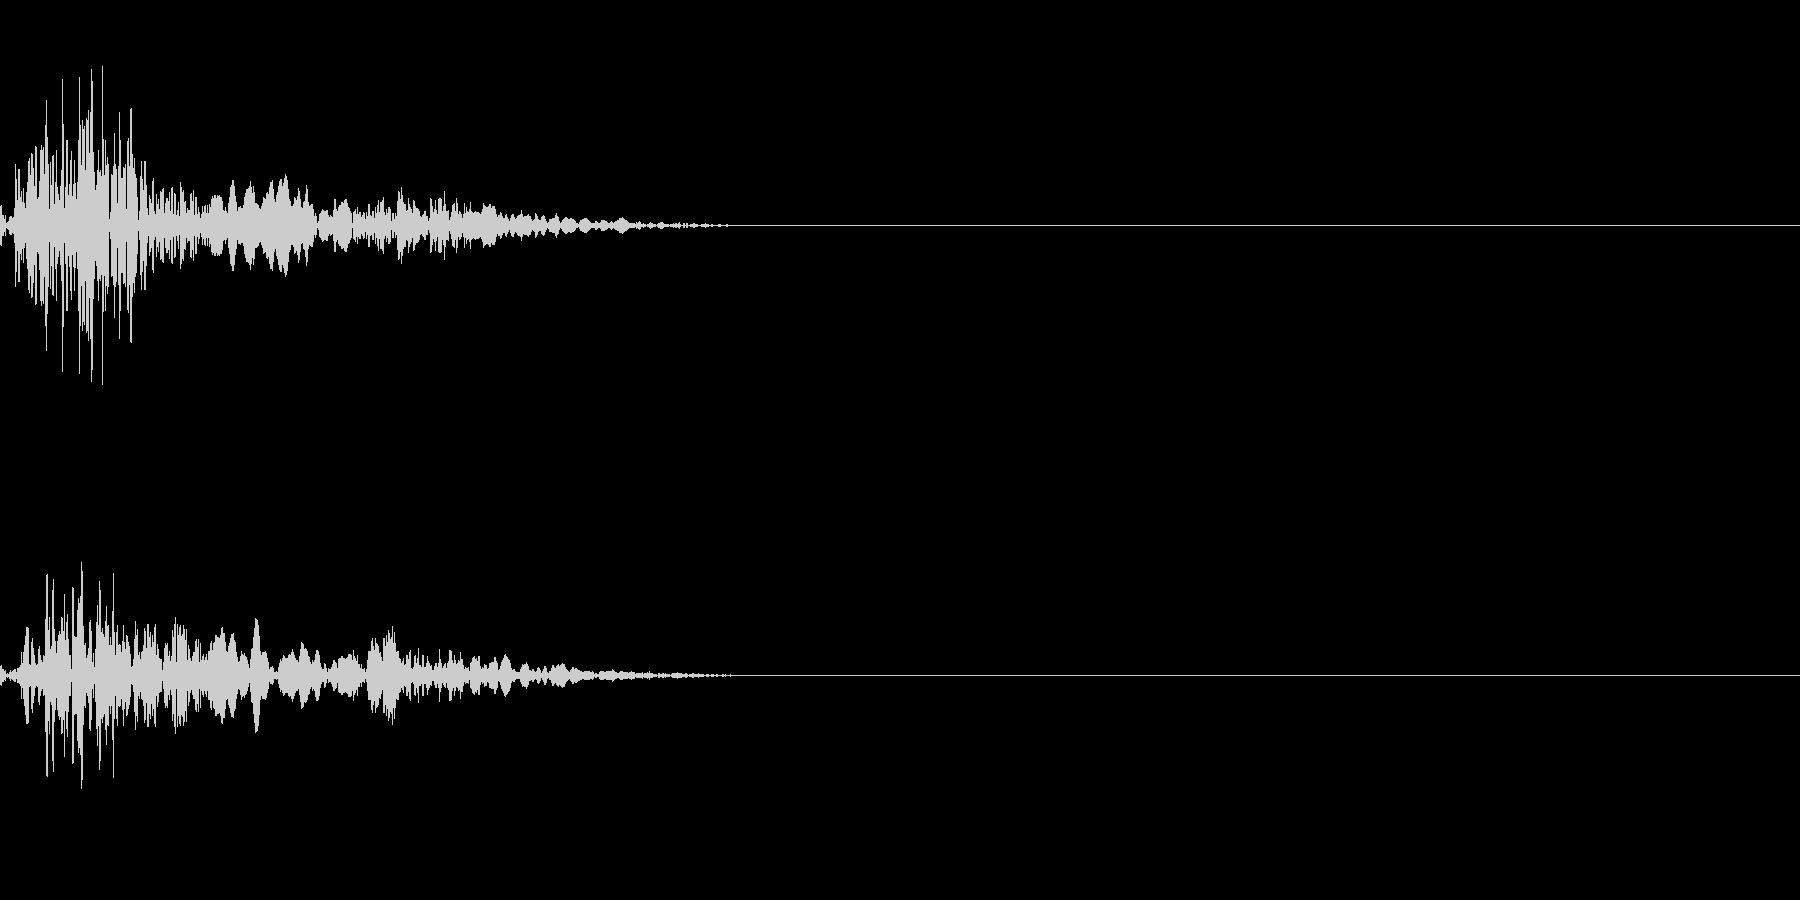 心臓の音(胎内/ドックン)の未再生の波形